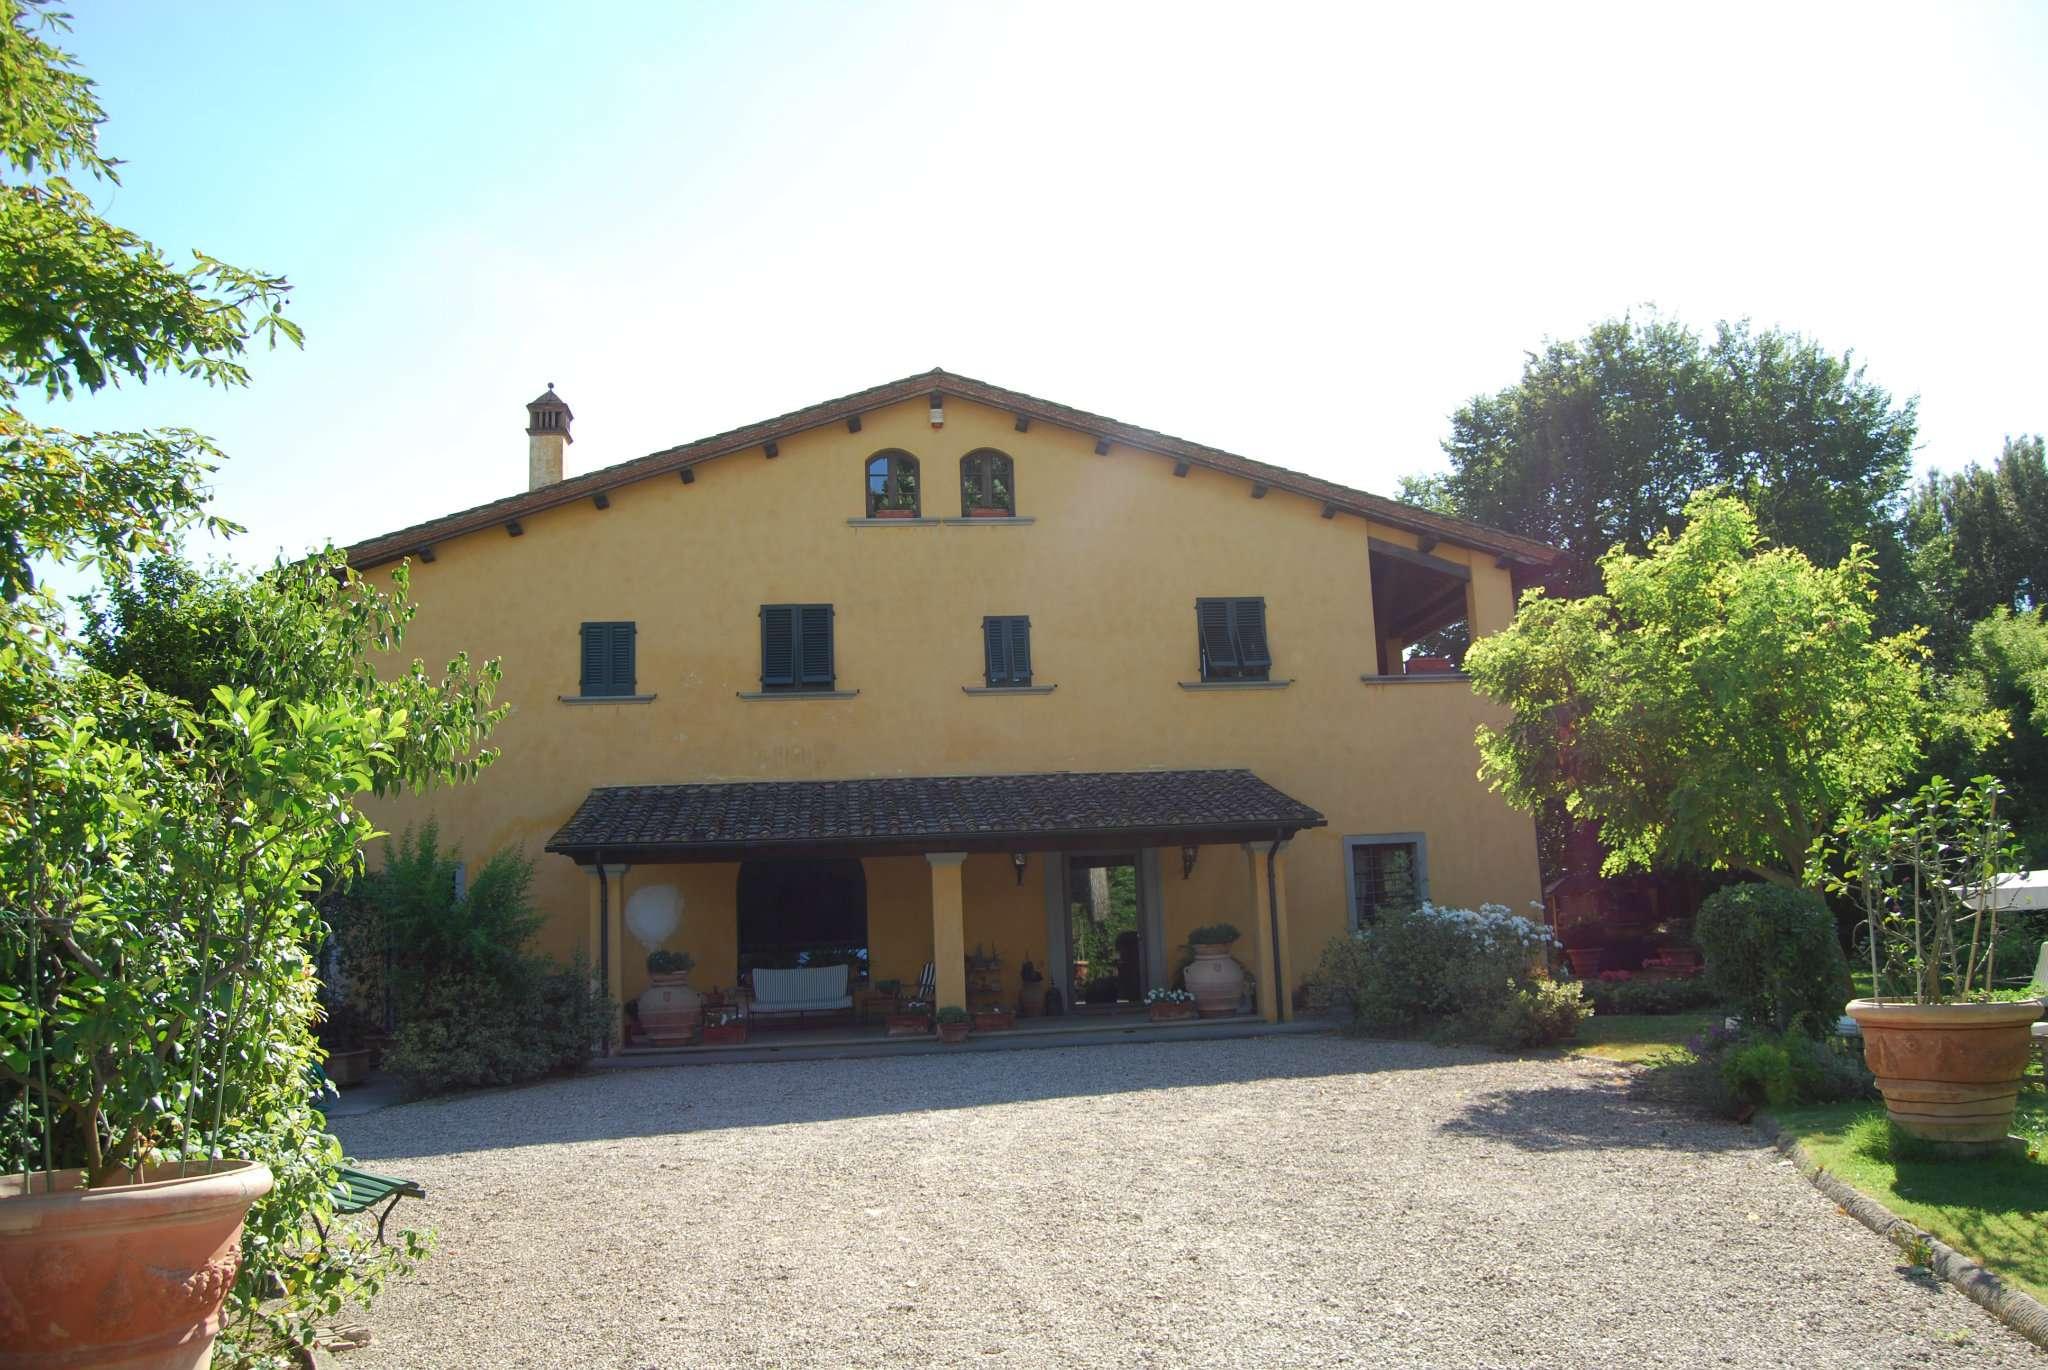 Villa in vendita a Santa Croce sull'Arno, 15 locali, prezzo € 1.500.000 | CambioCasa.it